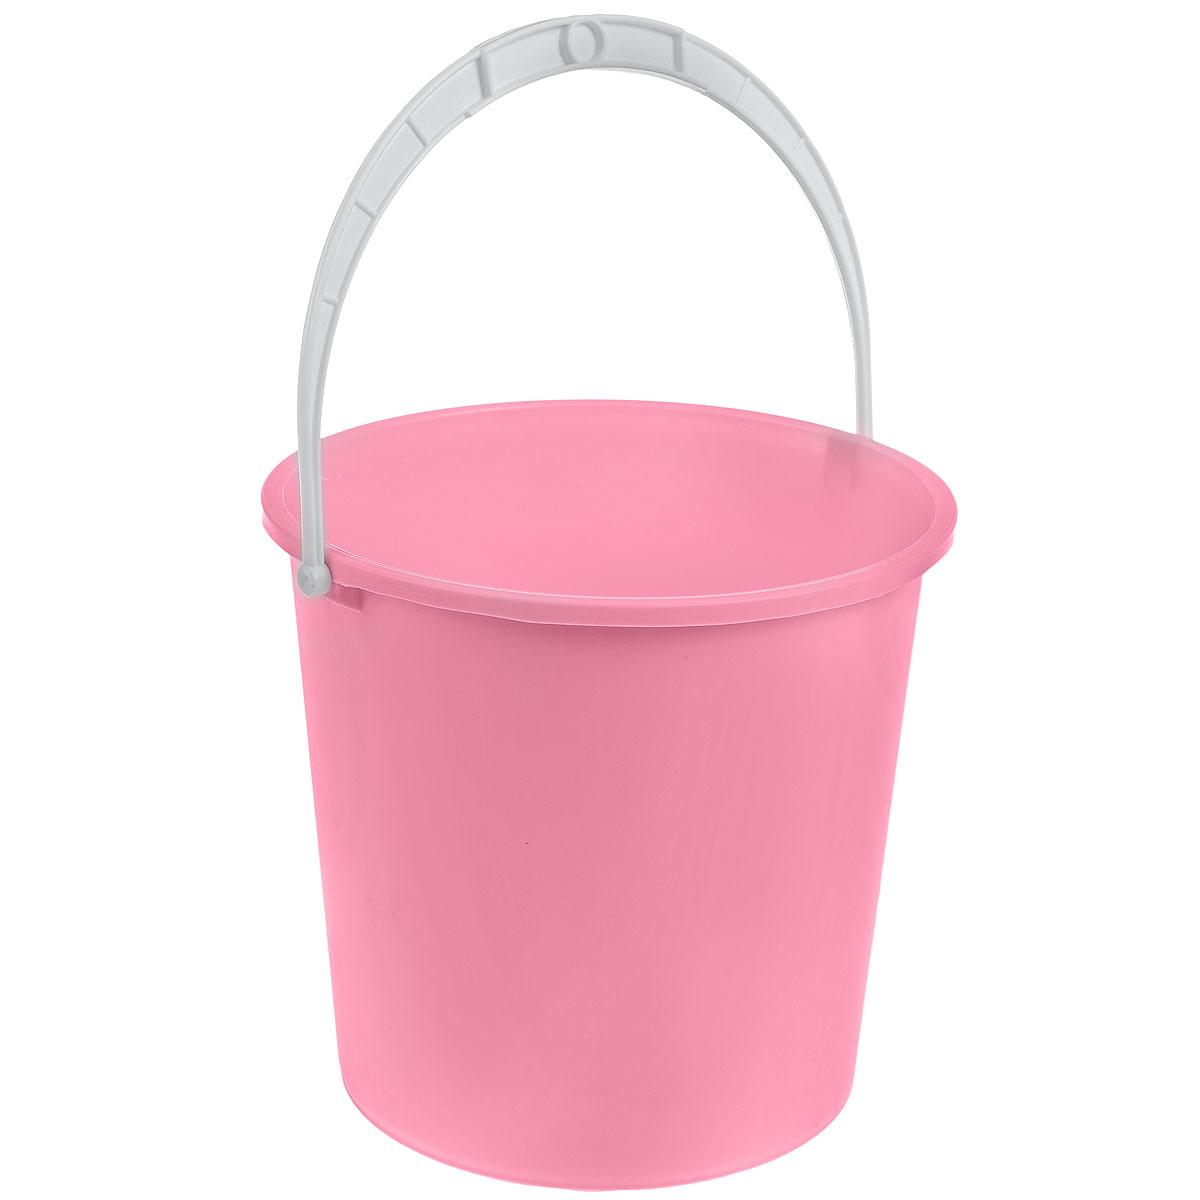 Ведро Альтернатива Крепыш, цвет: розовый, 5 лК340_розовыйВедро Альтернатива Крепыш изготовлено из высококачественного одноцветного пластика. Оно легче железного и не подвержено коррозии. Ведро оснащено удобной пластиковой ручкой. Такое ведро станет незаменимым помощником в хозяйстве. Диаметр: 22 см.Высота: 20,5 см.